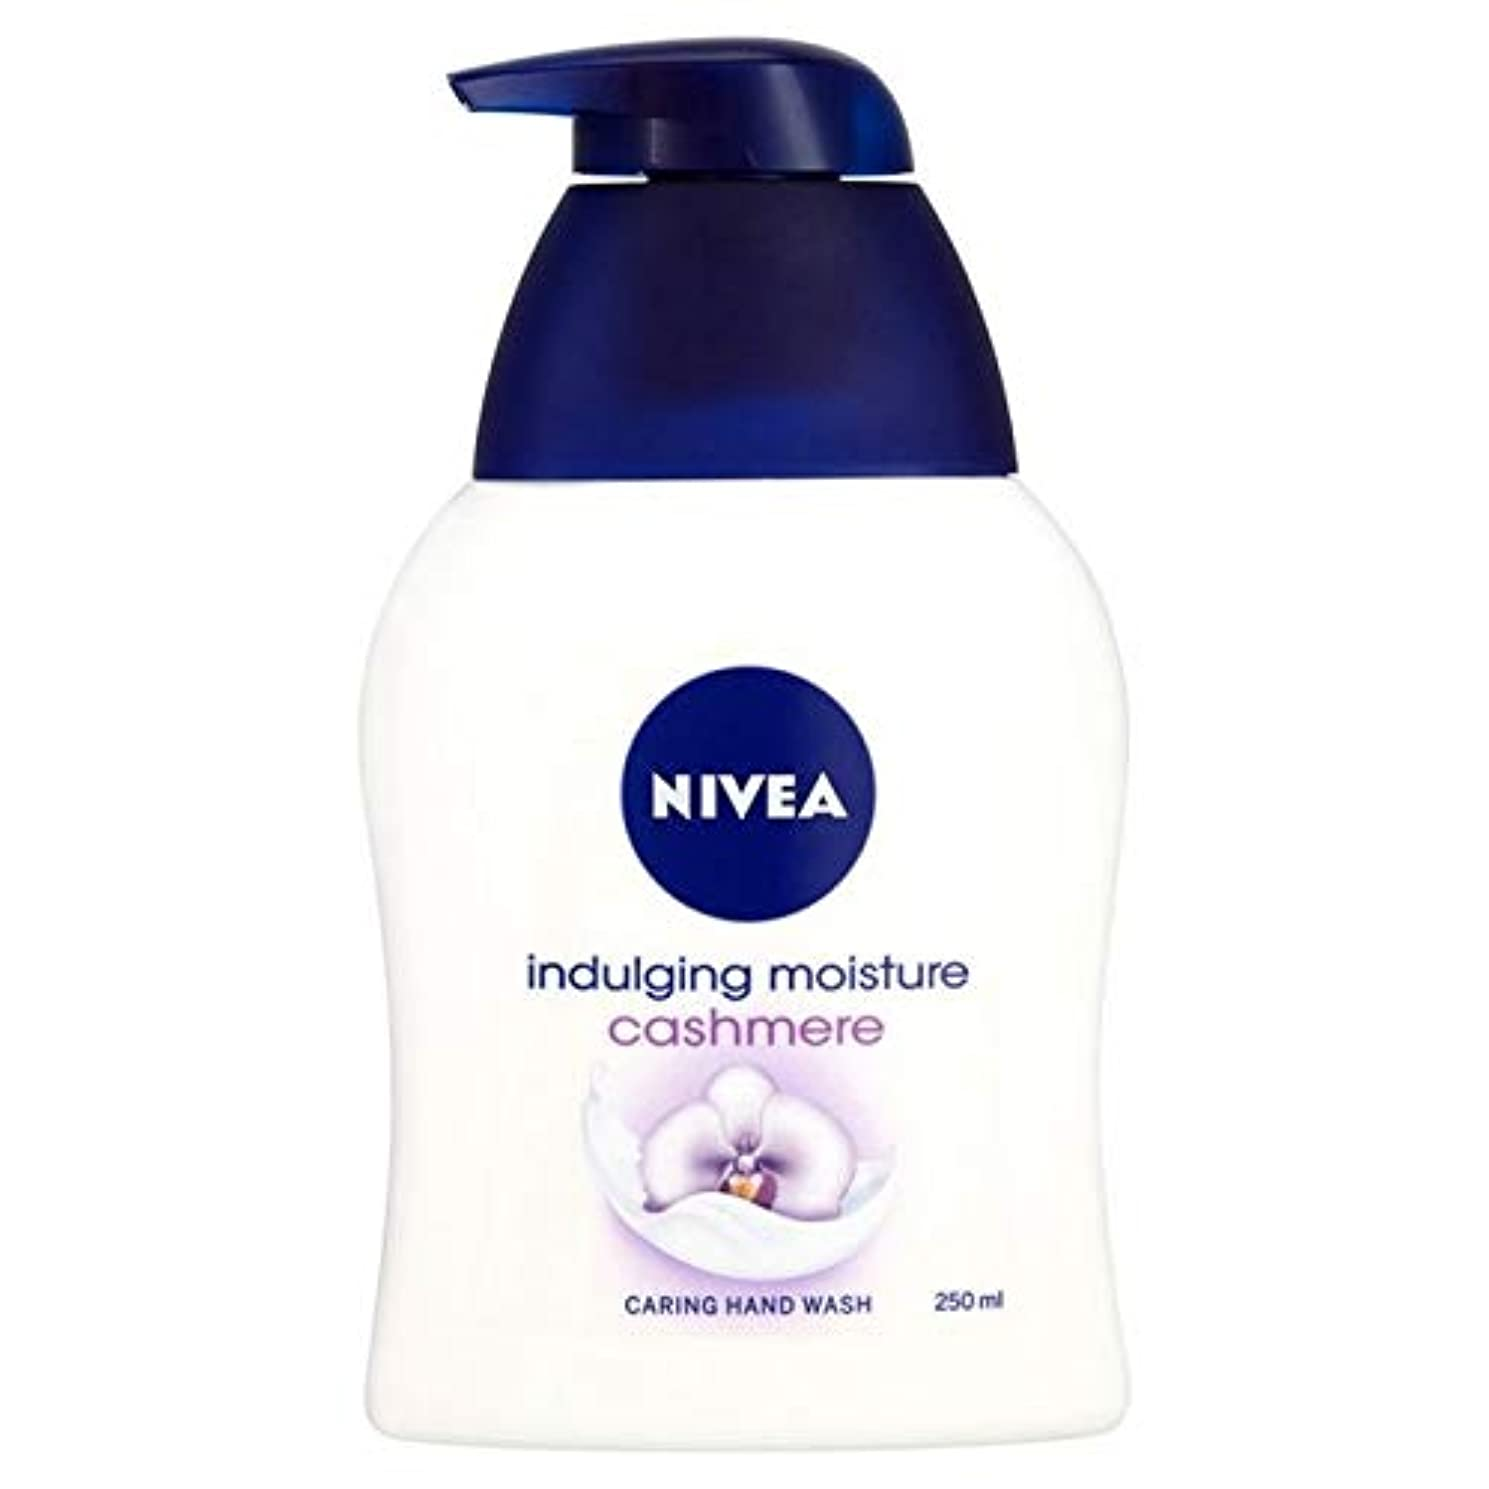 天の提案する扇動[Nivea ] ニベアふける水分カシミヤ思いやり手洗いの250ミリリットル - Nivea Indulging Moisture Cashmere Caring Hand Wash 250ml [並行輸入品]